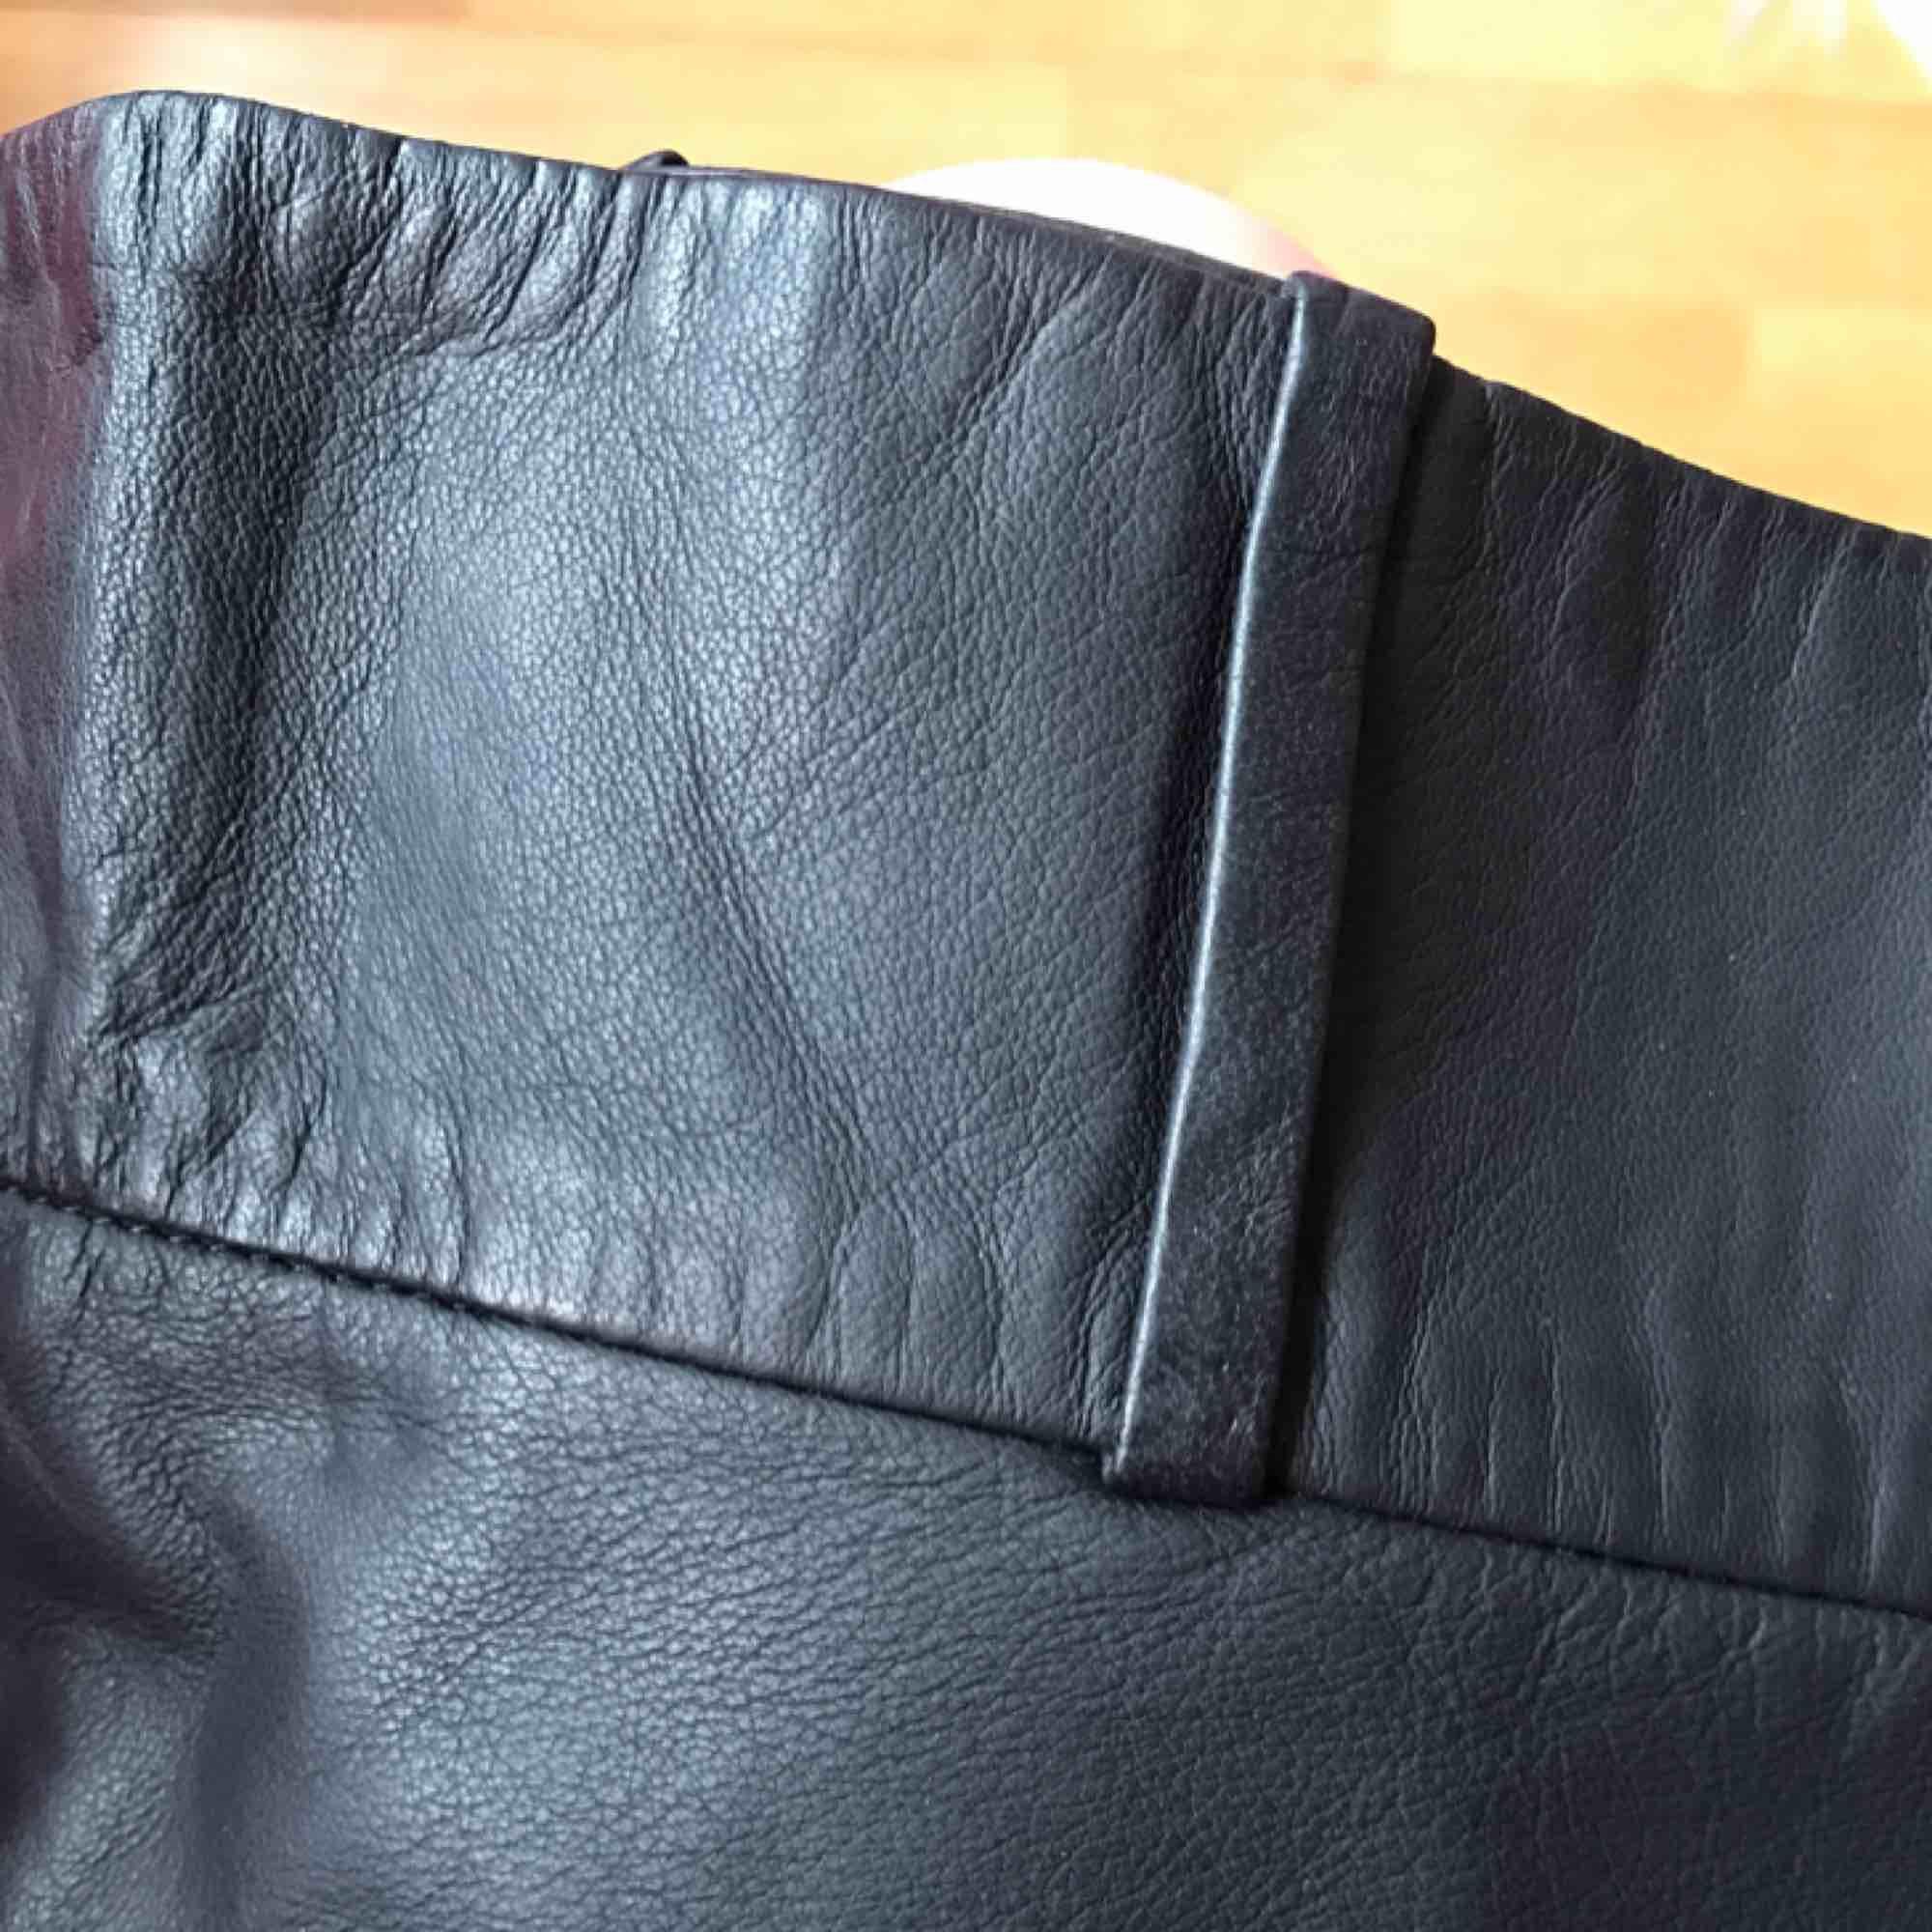 Mini minikjol i läder från Acne! Midja 40cm Längd 27cm. Som ny! DMa för köp. Xoxo . Kjolar.